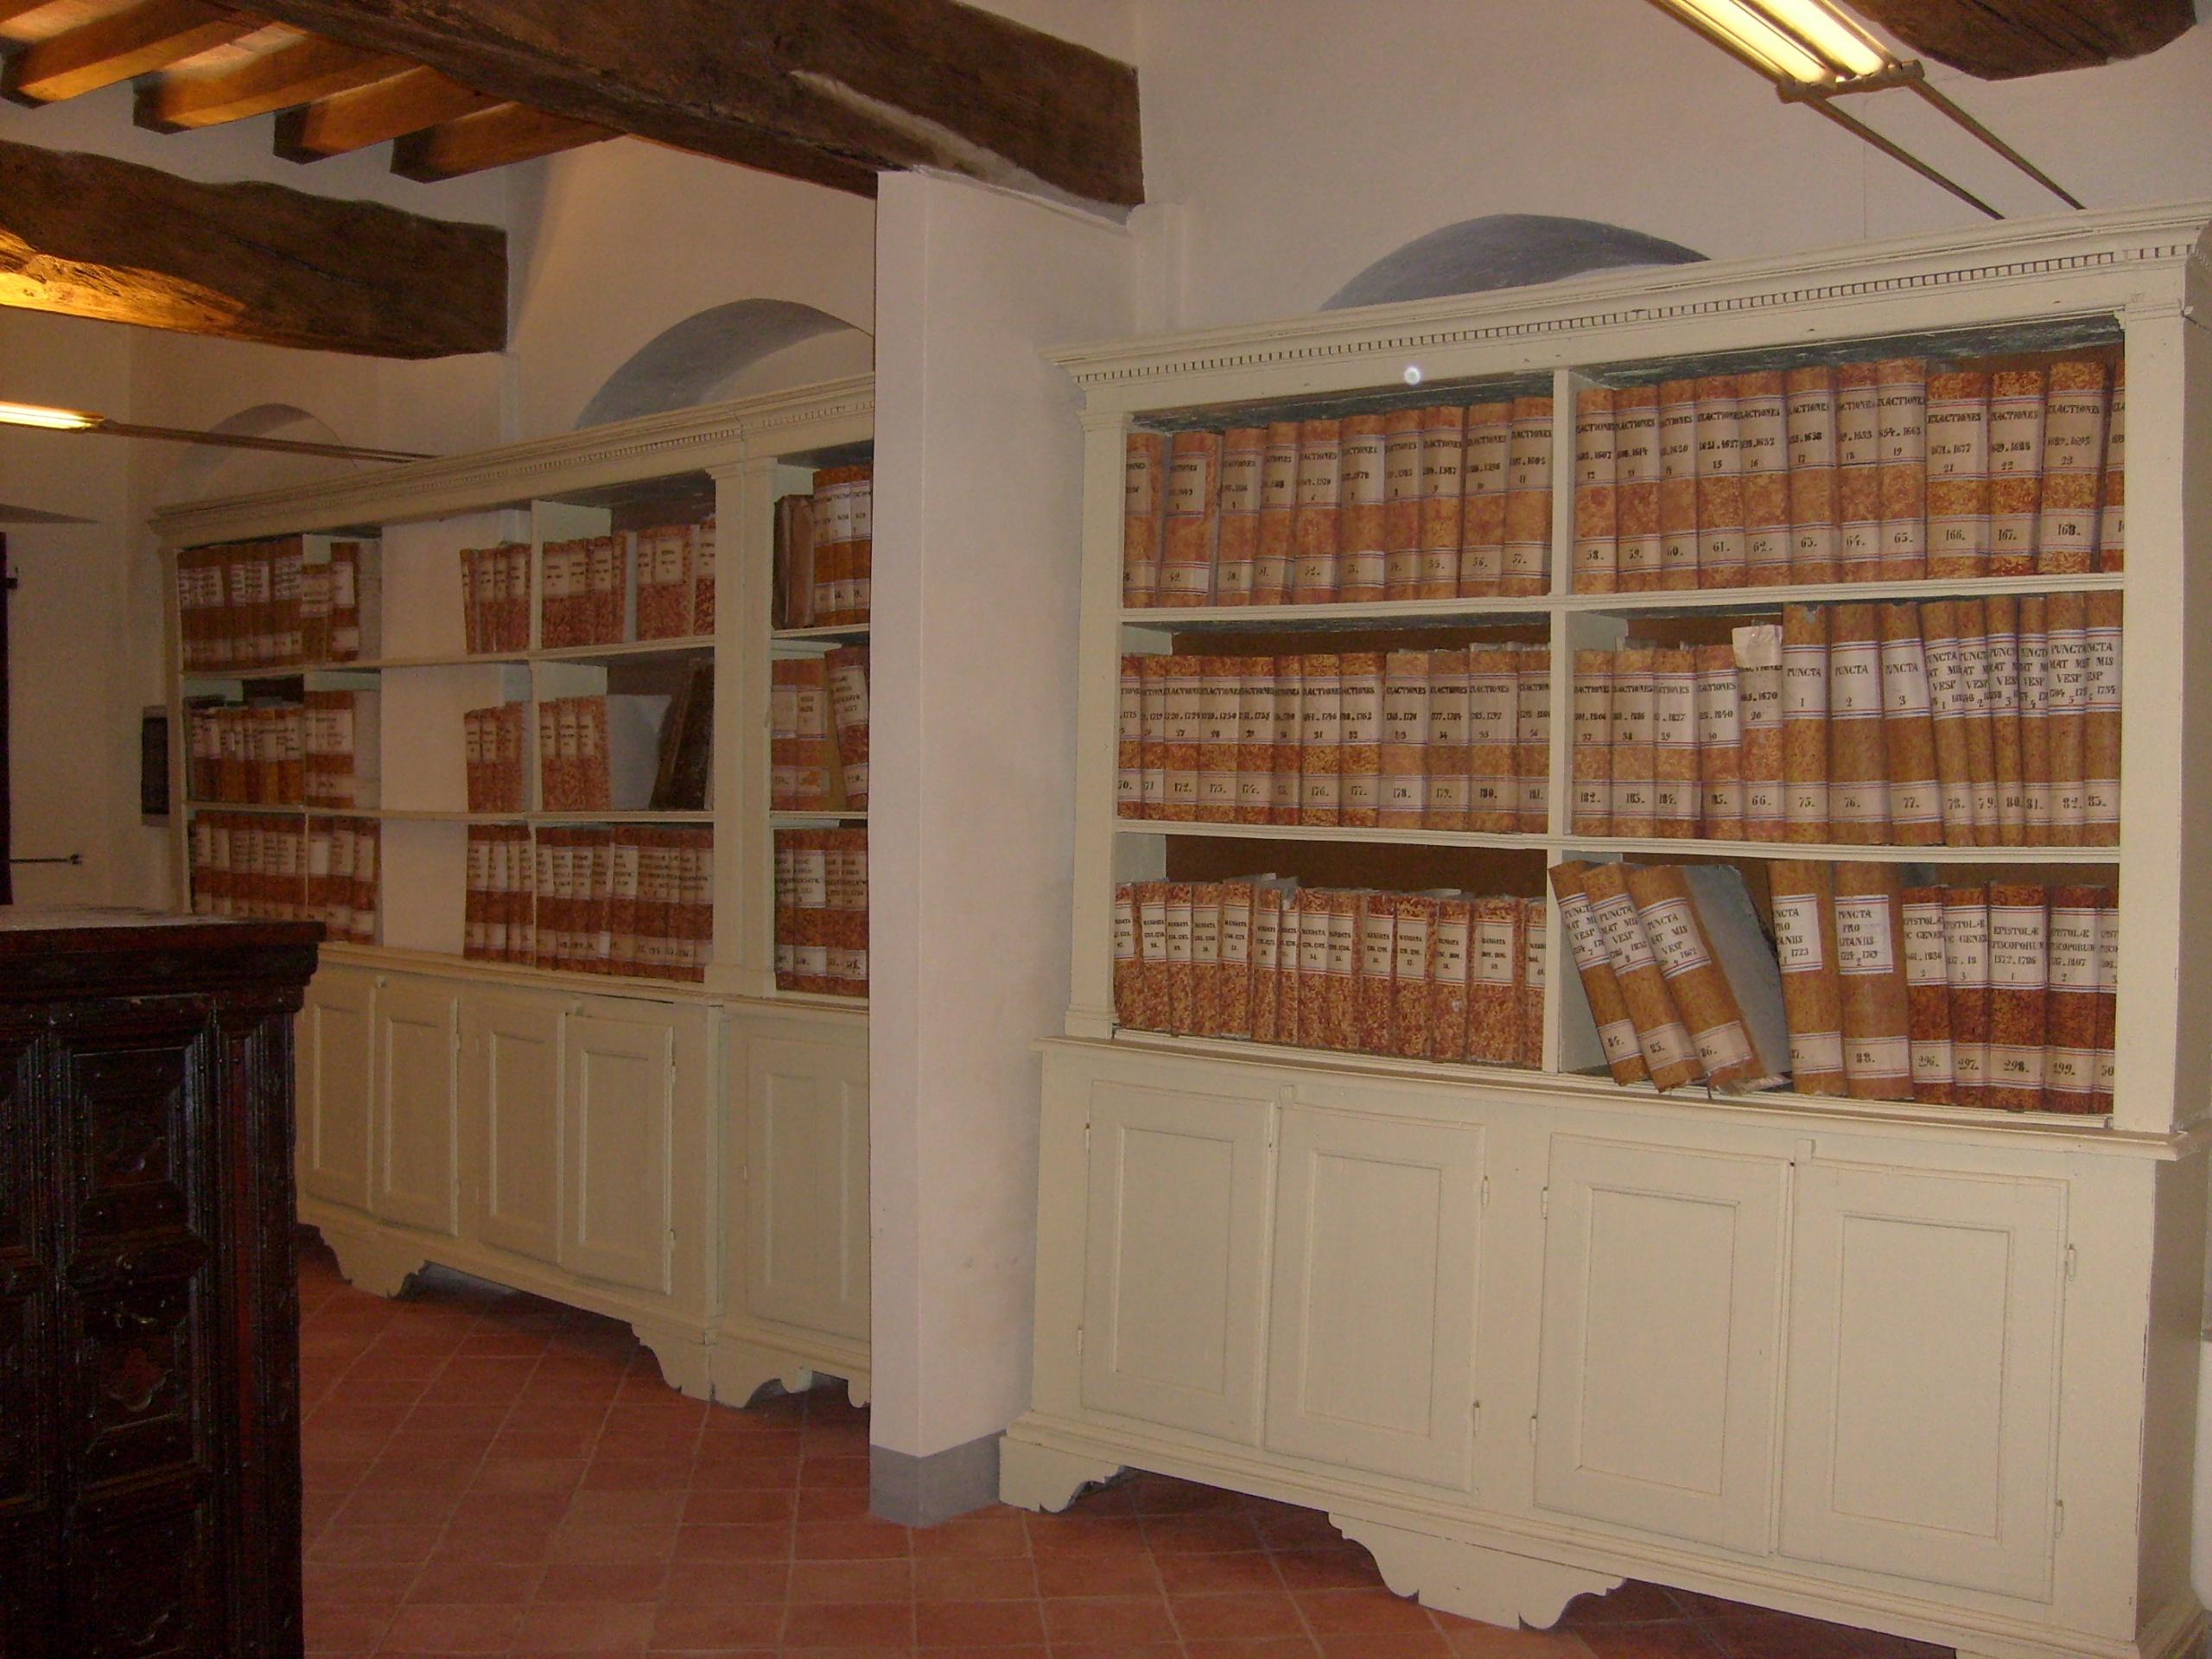 Archivio della Collegiata di Castell'Arquato